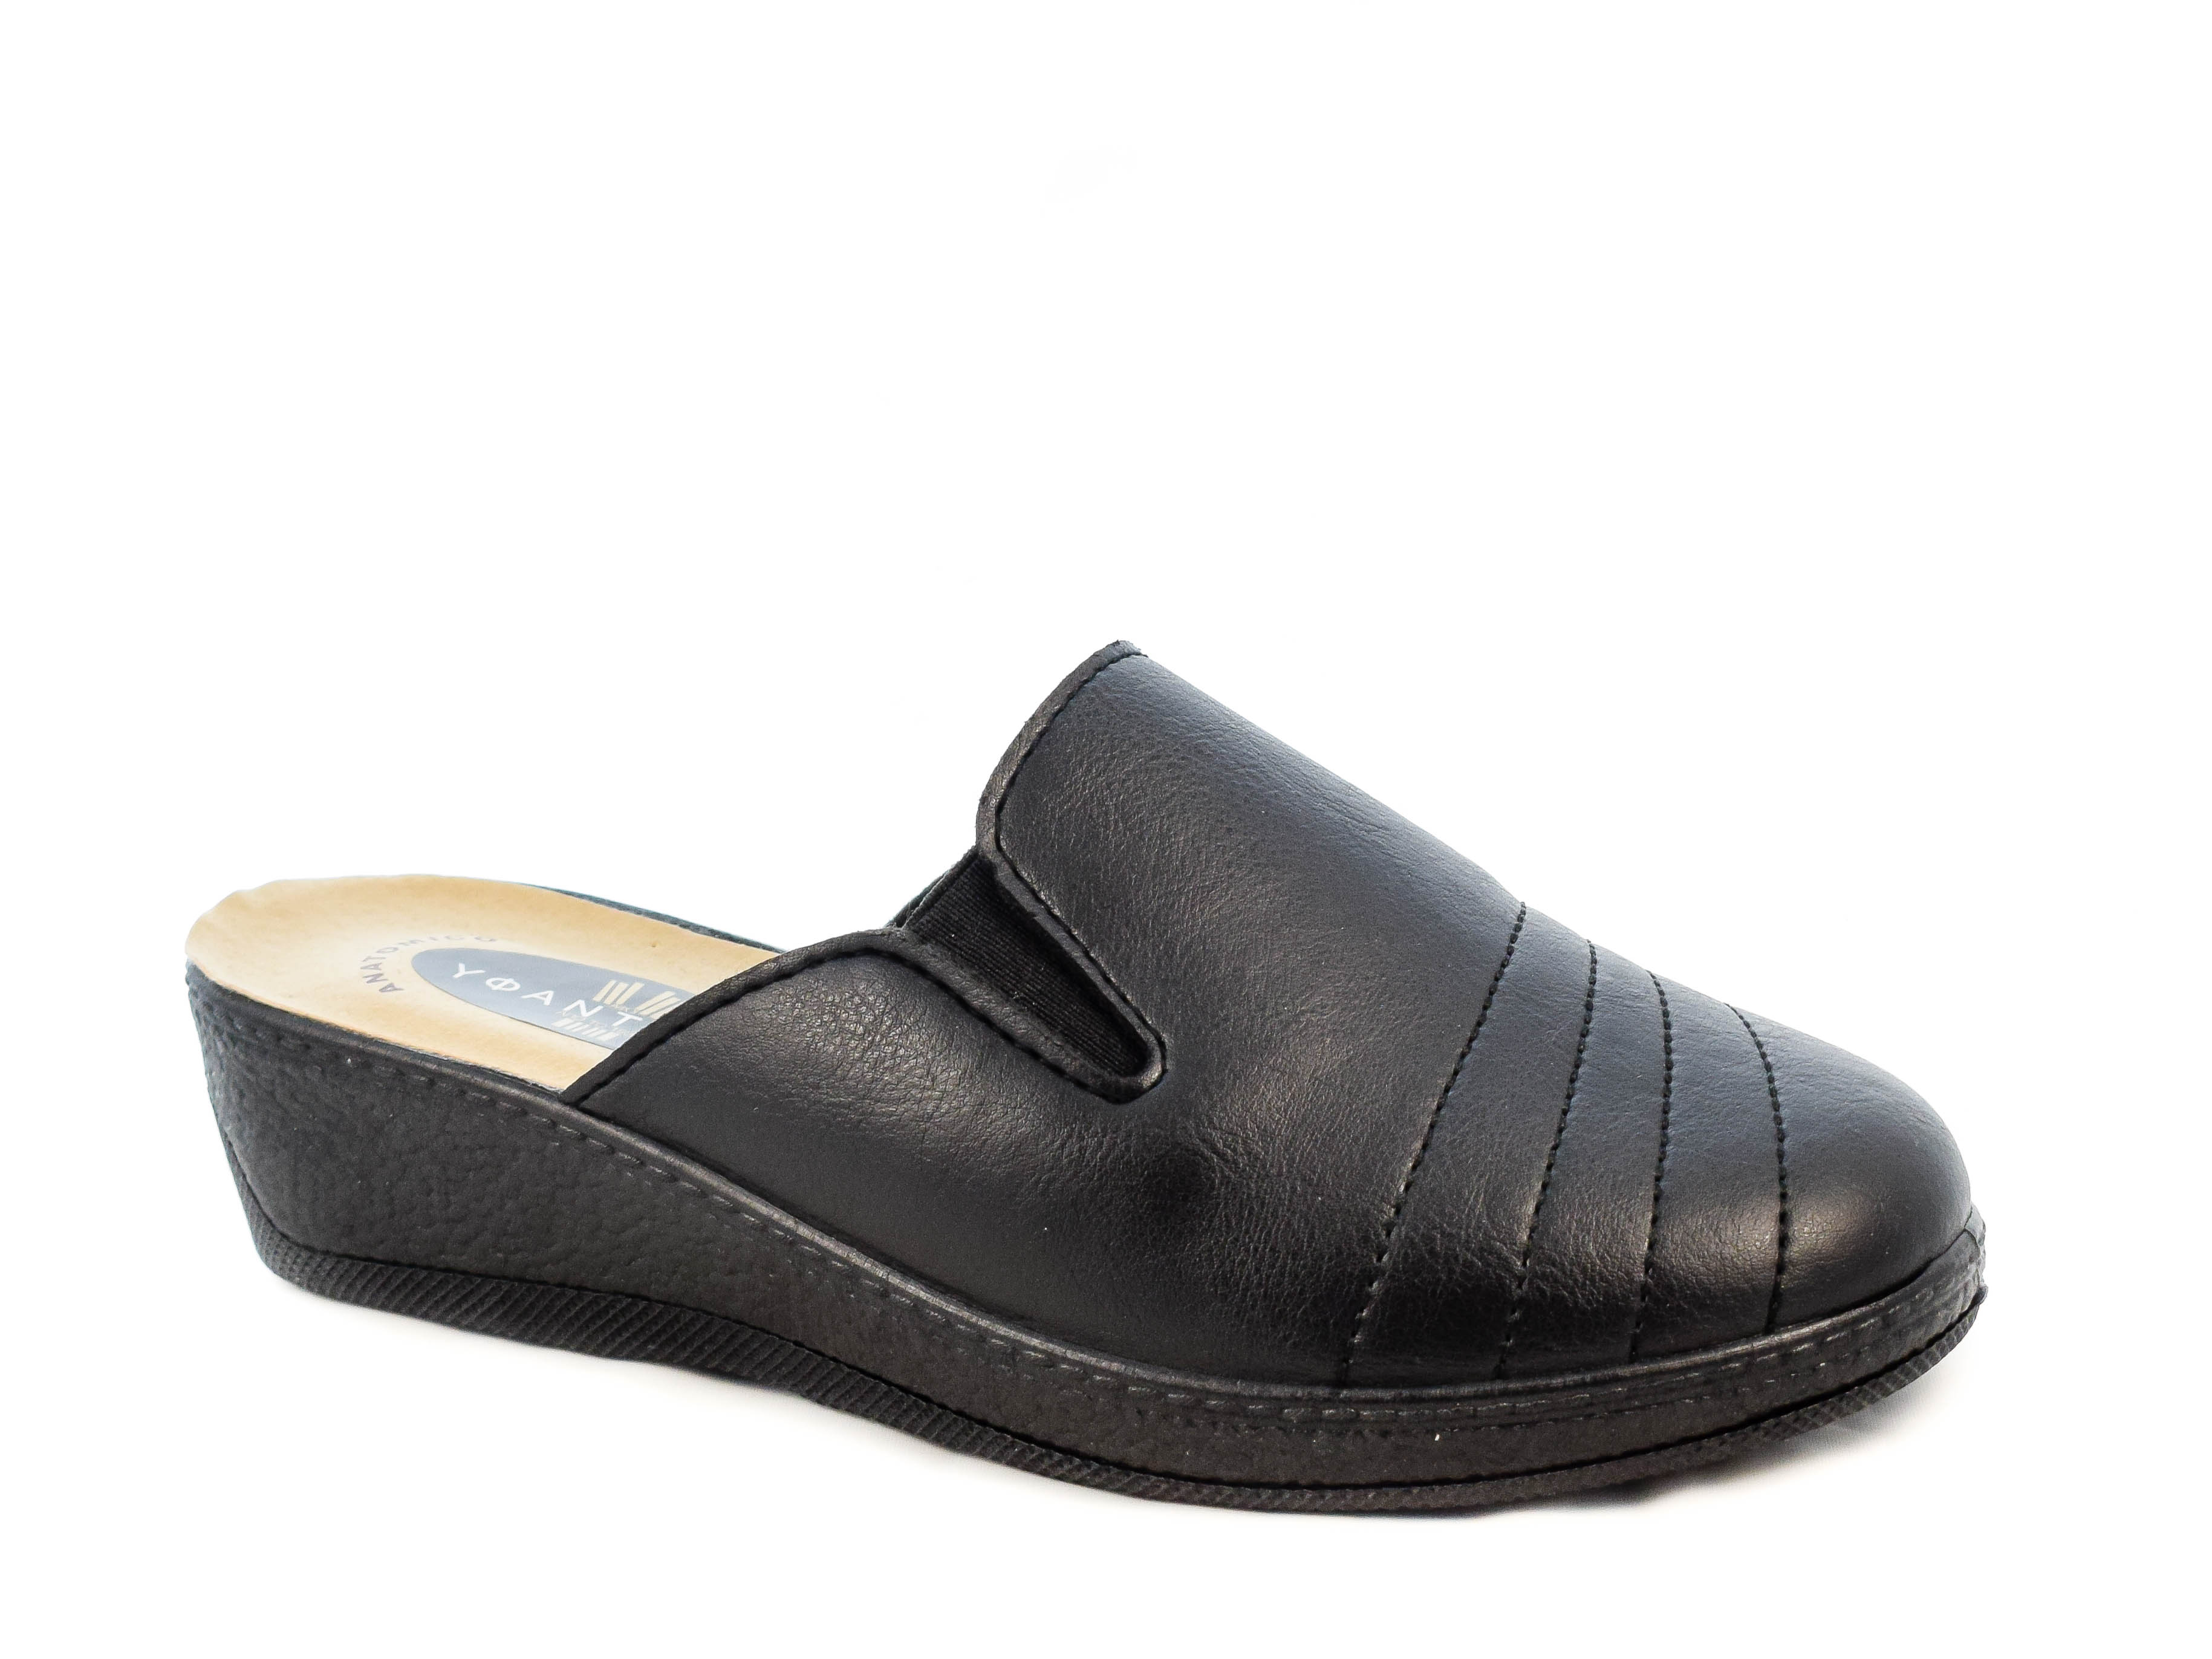 ΥΦΑΝΤΙΔΗΣ AN3314 BLACK Μαύρο